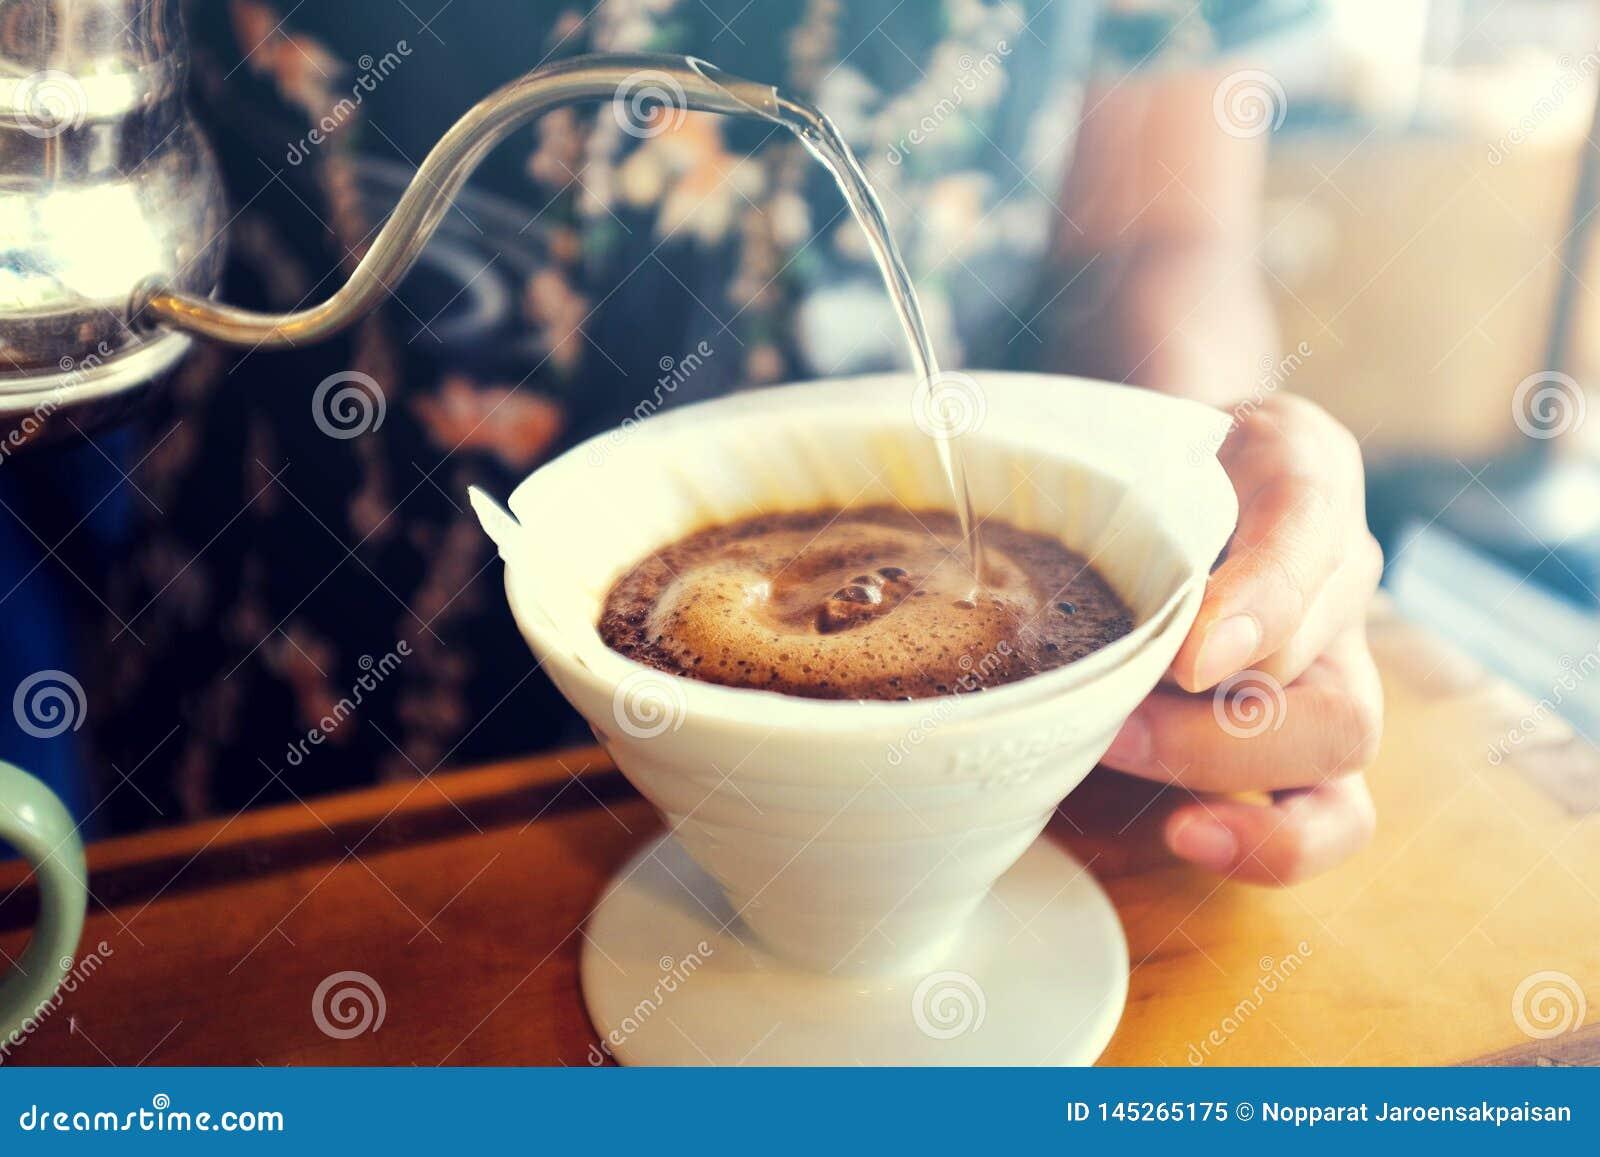 Café d égouttement de main, barman versant l eau chaude sur le marc de café rôti